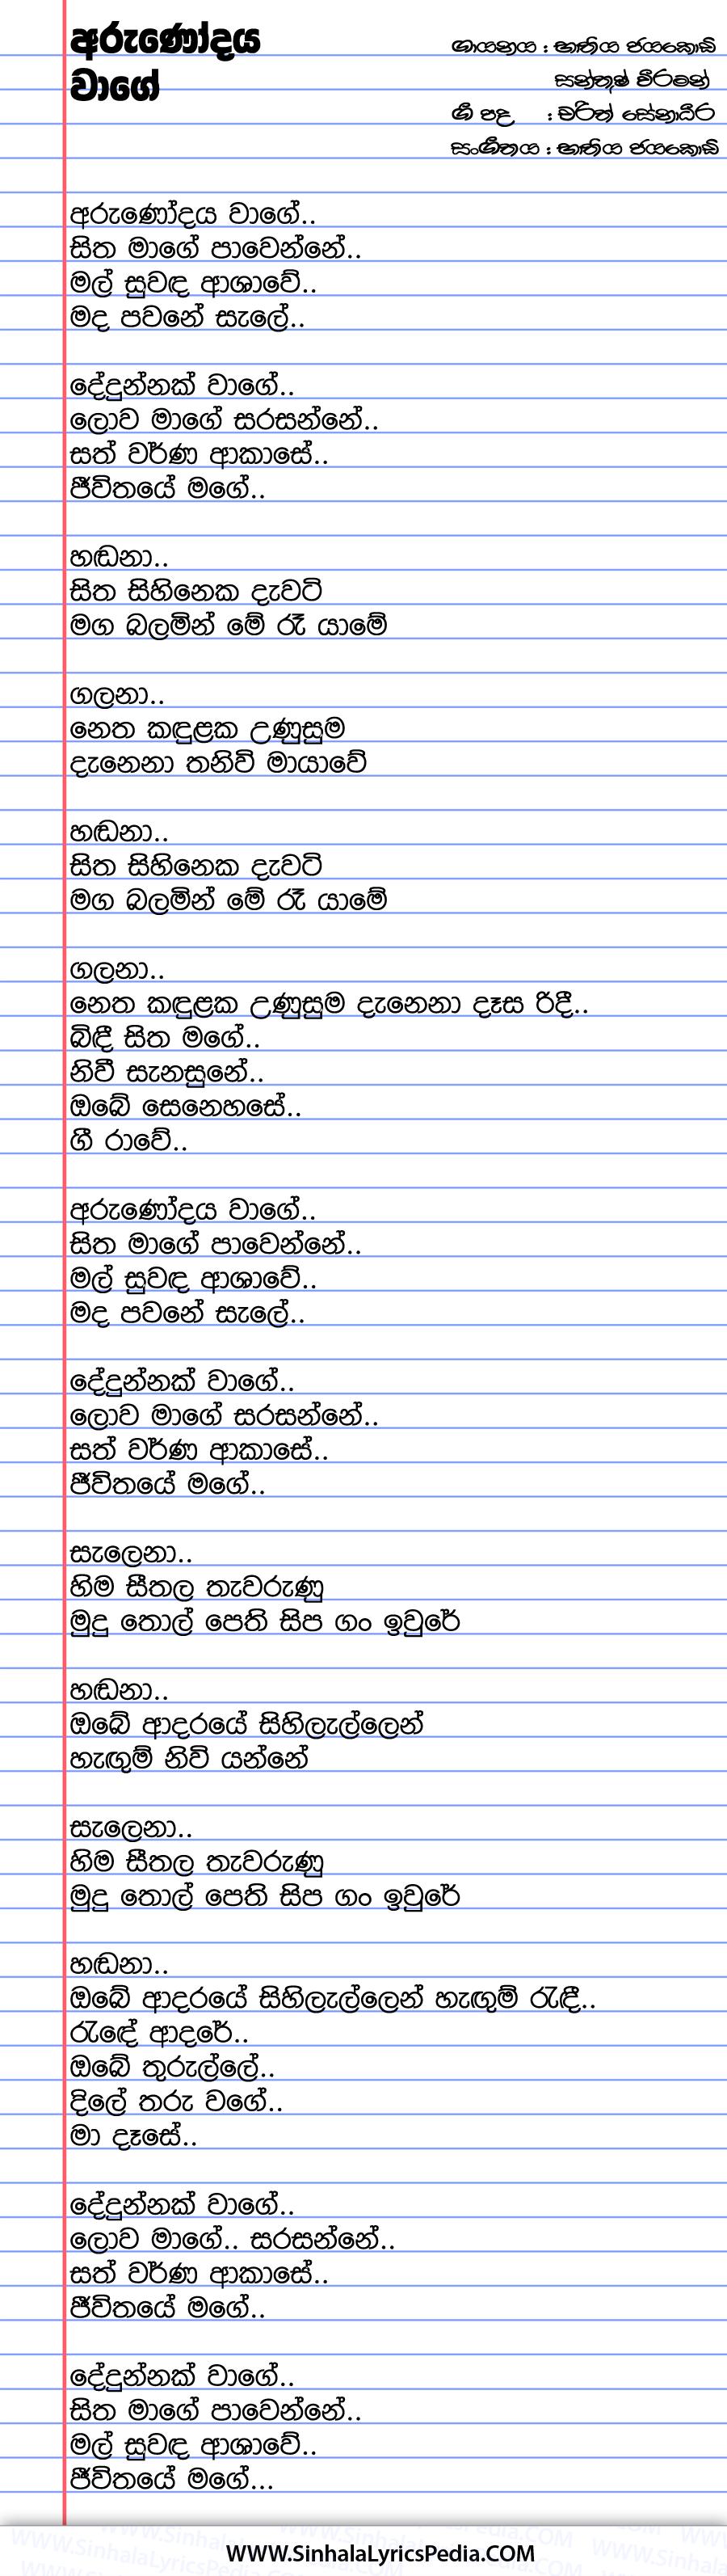 Arunodaya Wage Song Lyrics